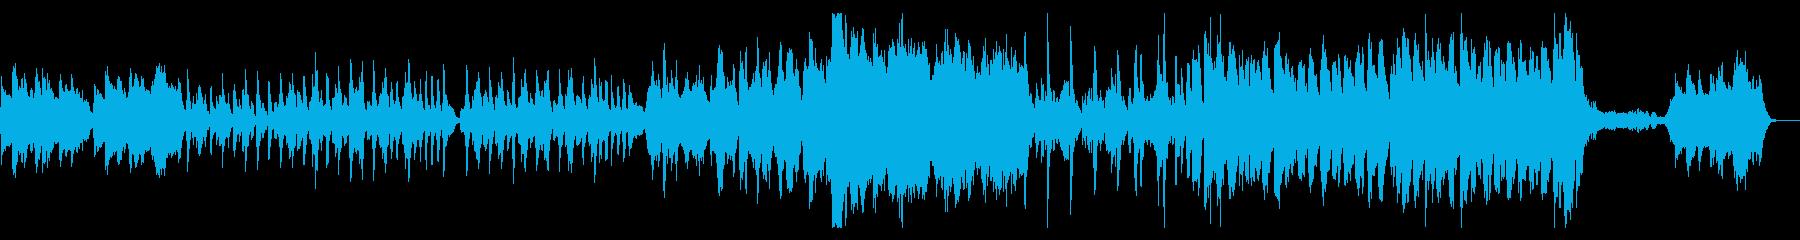 コミカルでちょっとホラーなオーケストラ曲の再生済みの波形